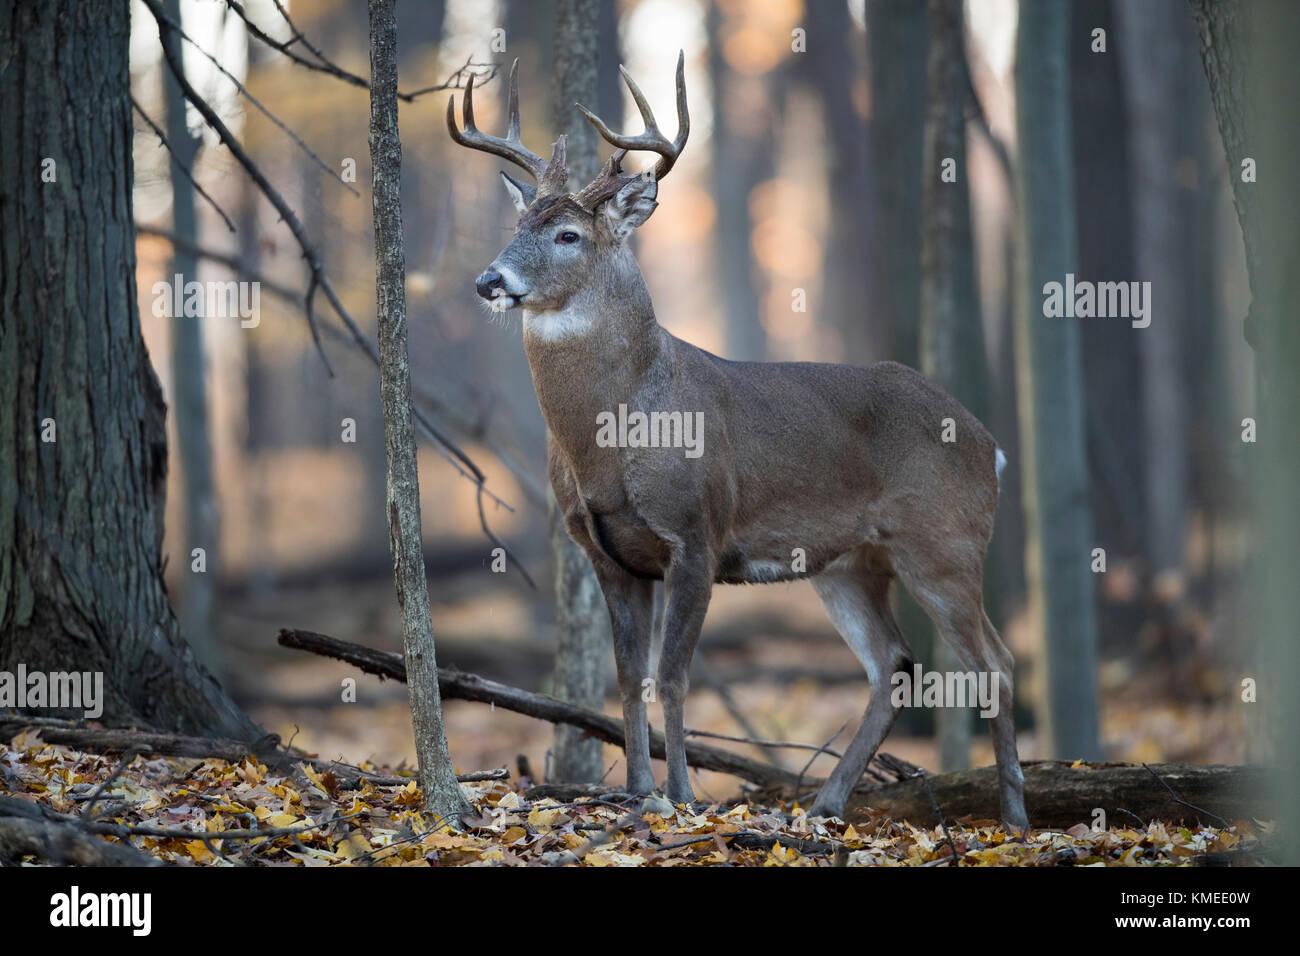 Un maduro buck venado muy alerta permanente en el bosque. Imagen De Stock